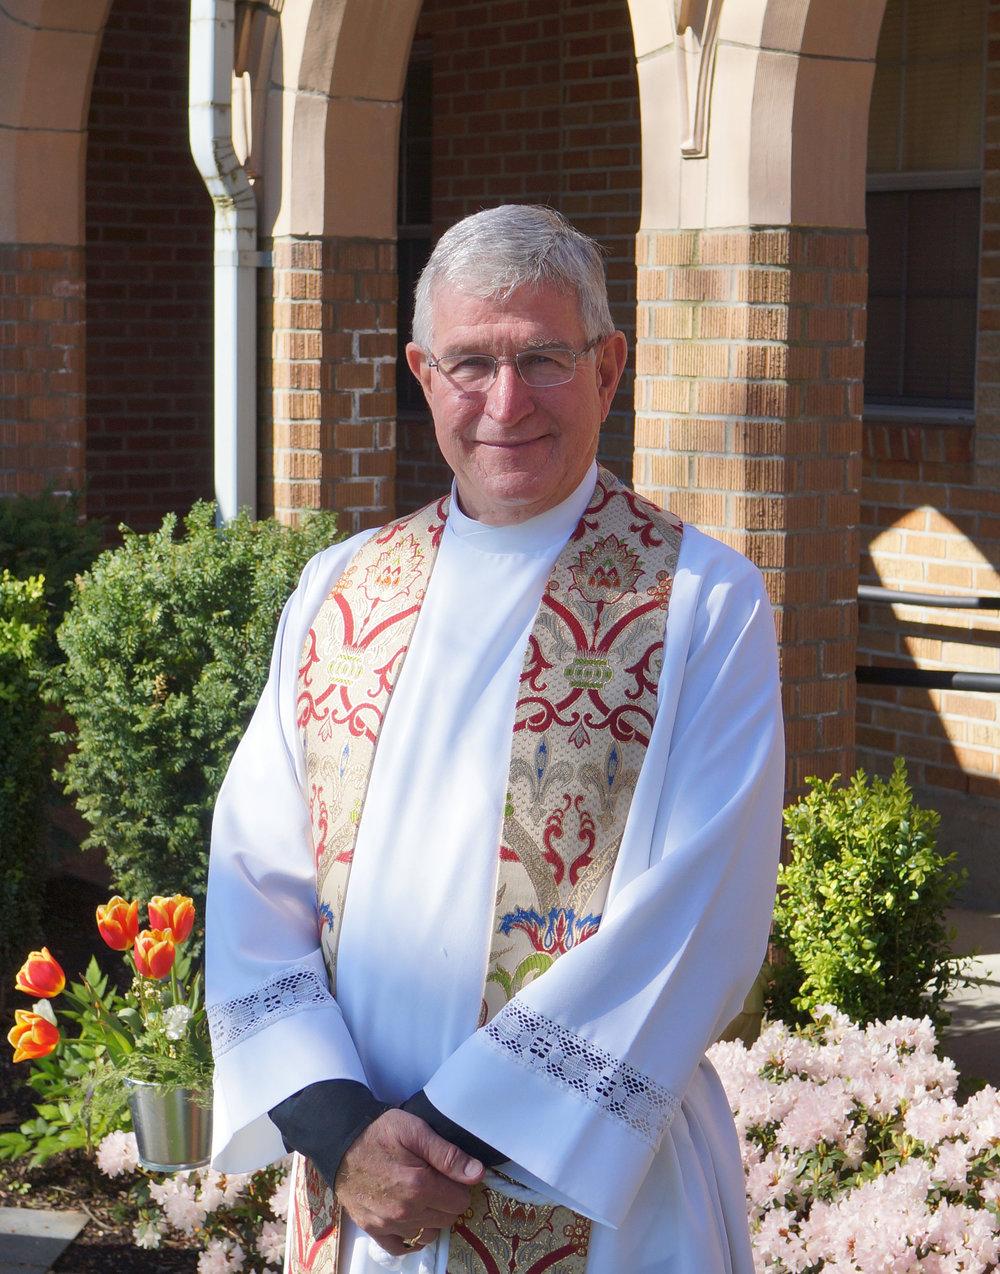 Reverend Stuart Hoke